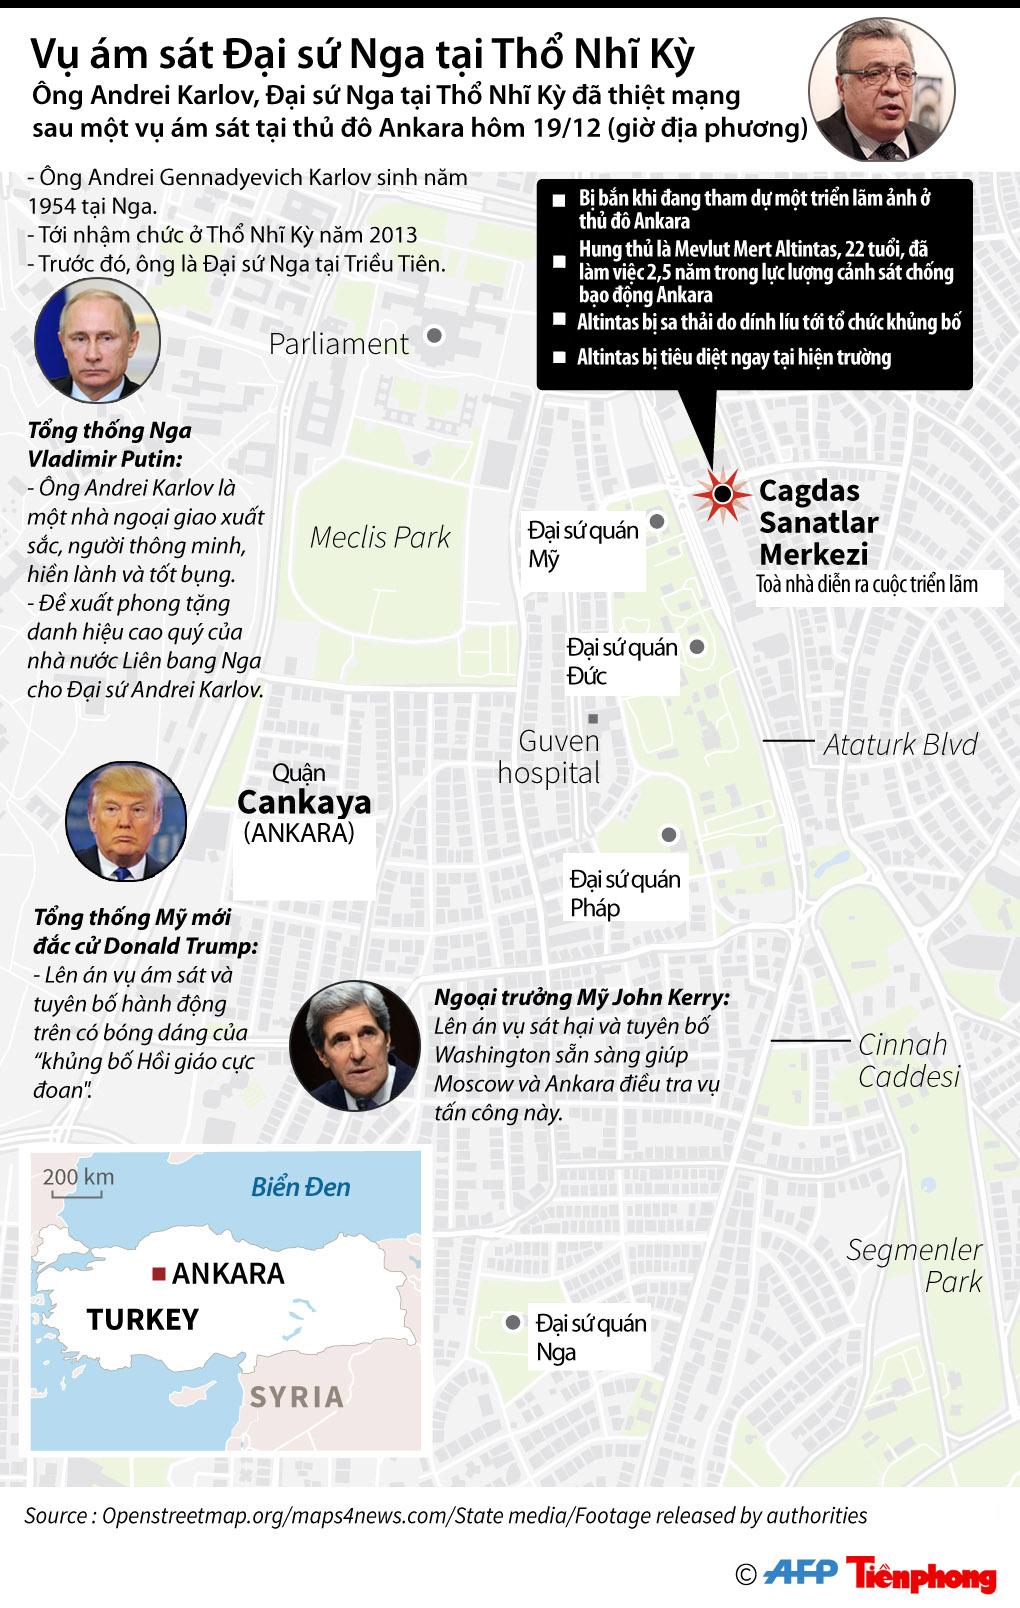 [ĐỒ HỌA] Toàn cảnh vụ Đại sứ Nga bị ám sát ở Thổ Nhĩ Kỳ - ảnh 1